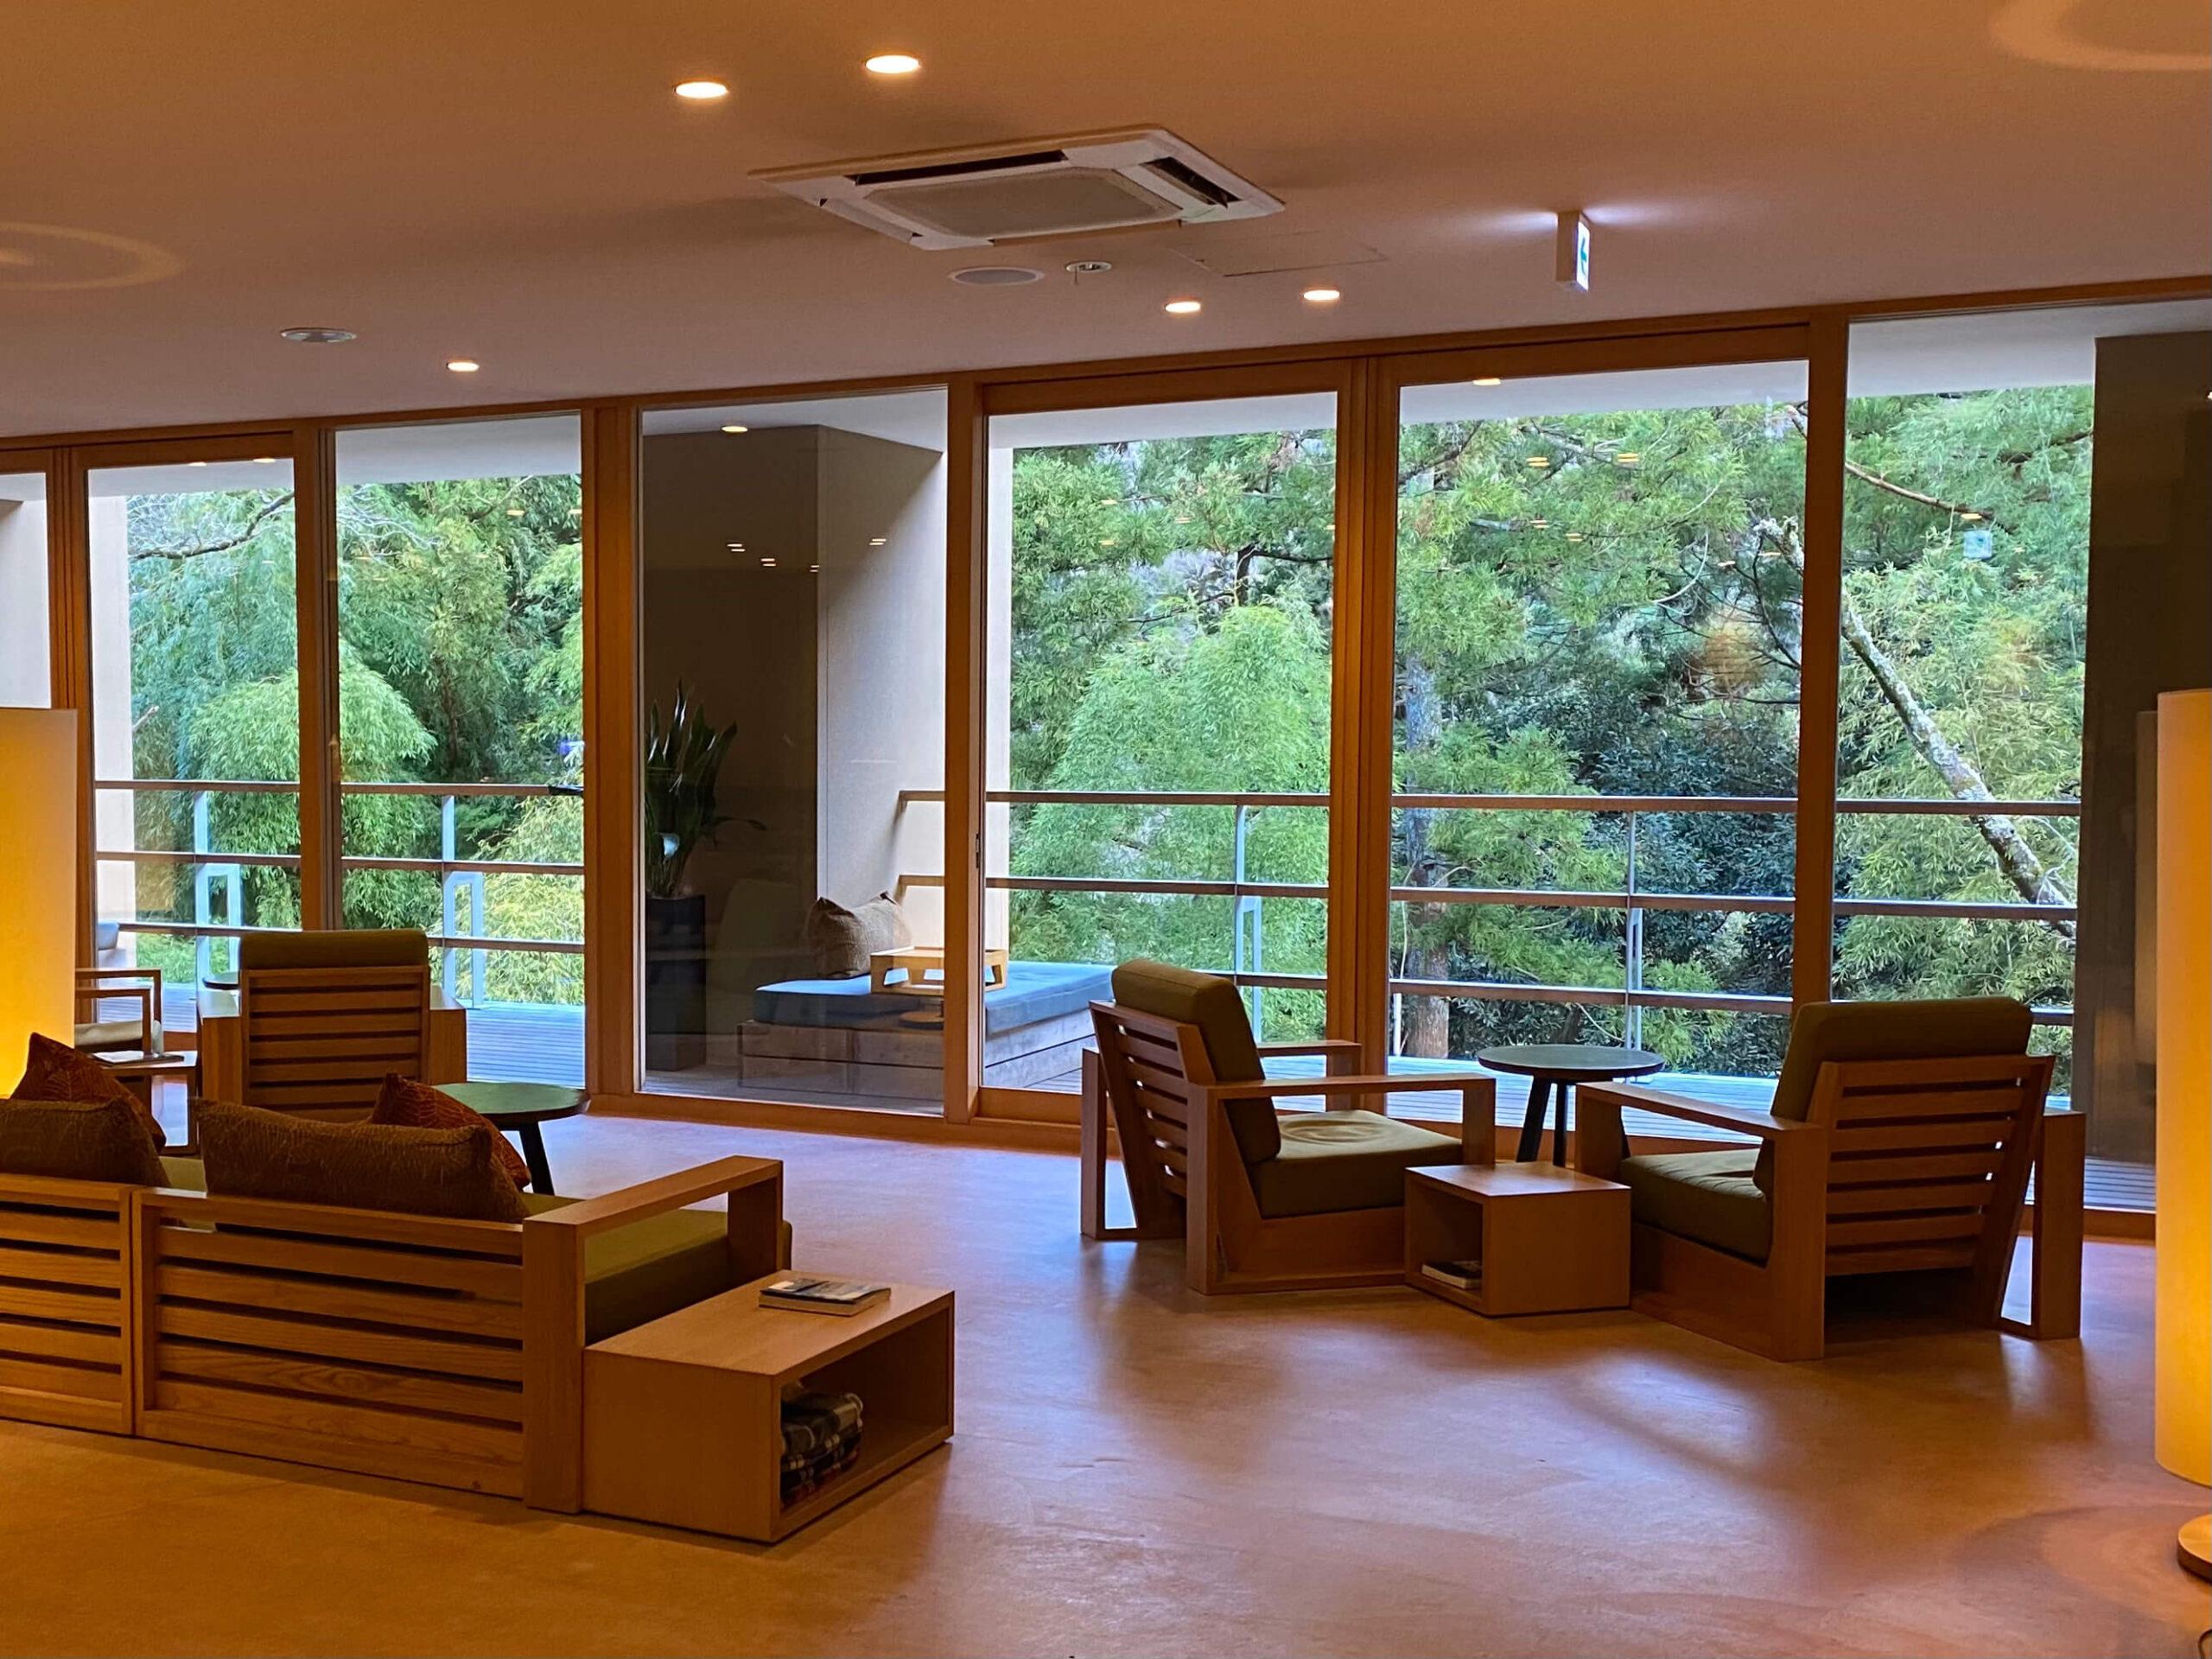 箱根の高級旅館:金の竹塔ノ沢のロビー(慶太ブログ)